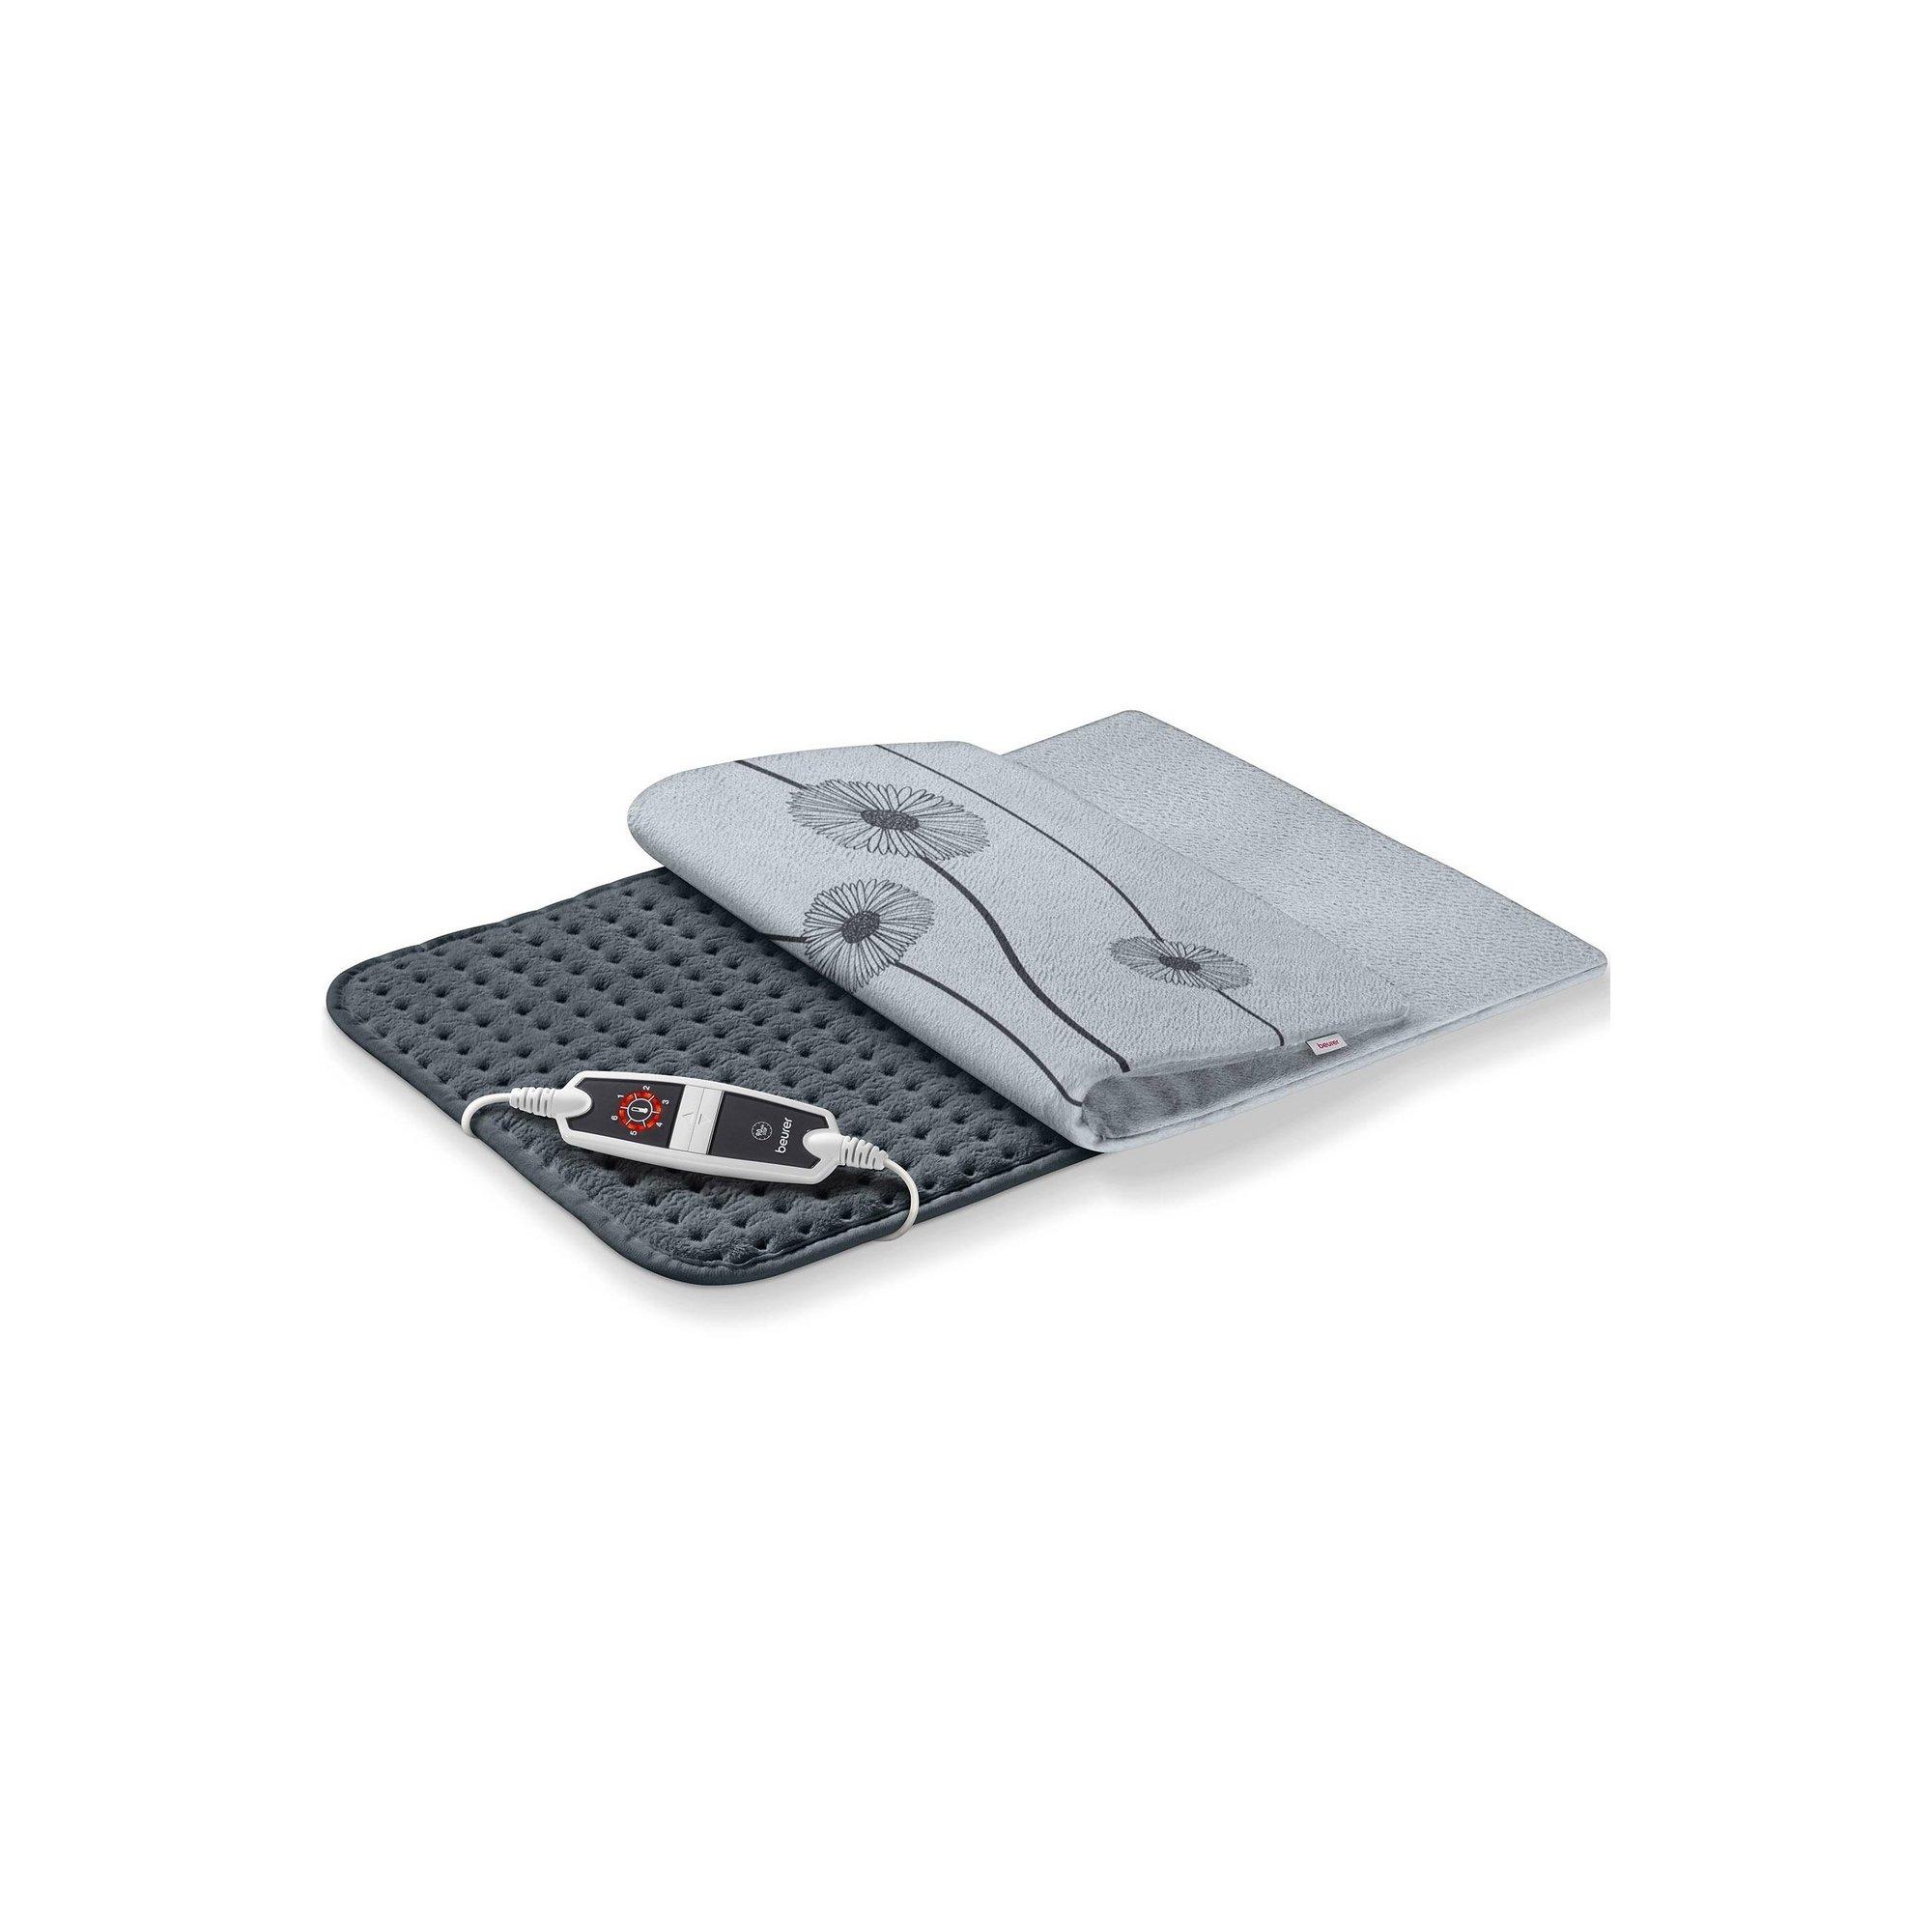 Image of Beurer XXL Luxury Heat Pad